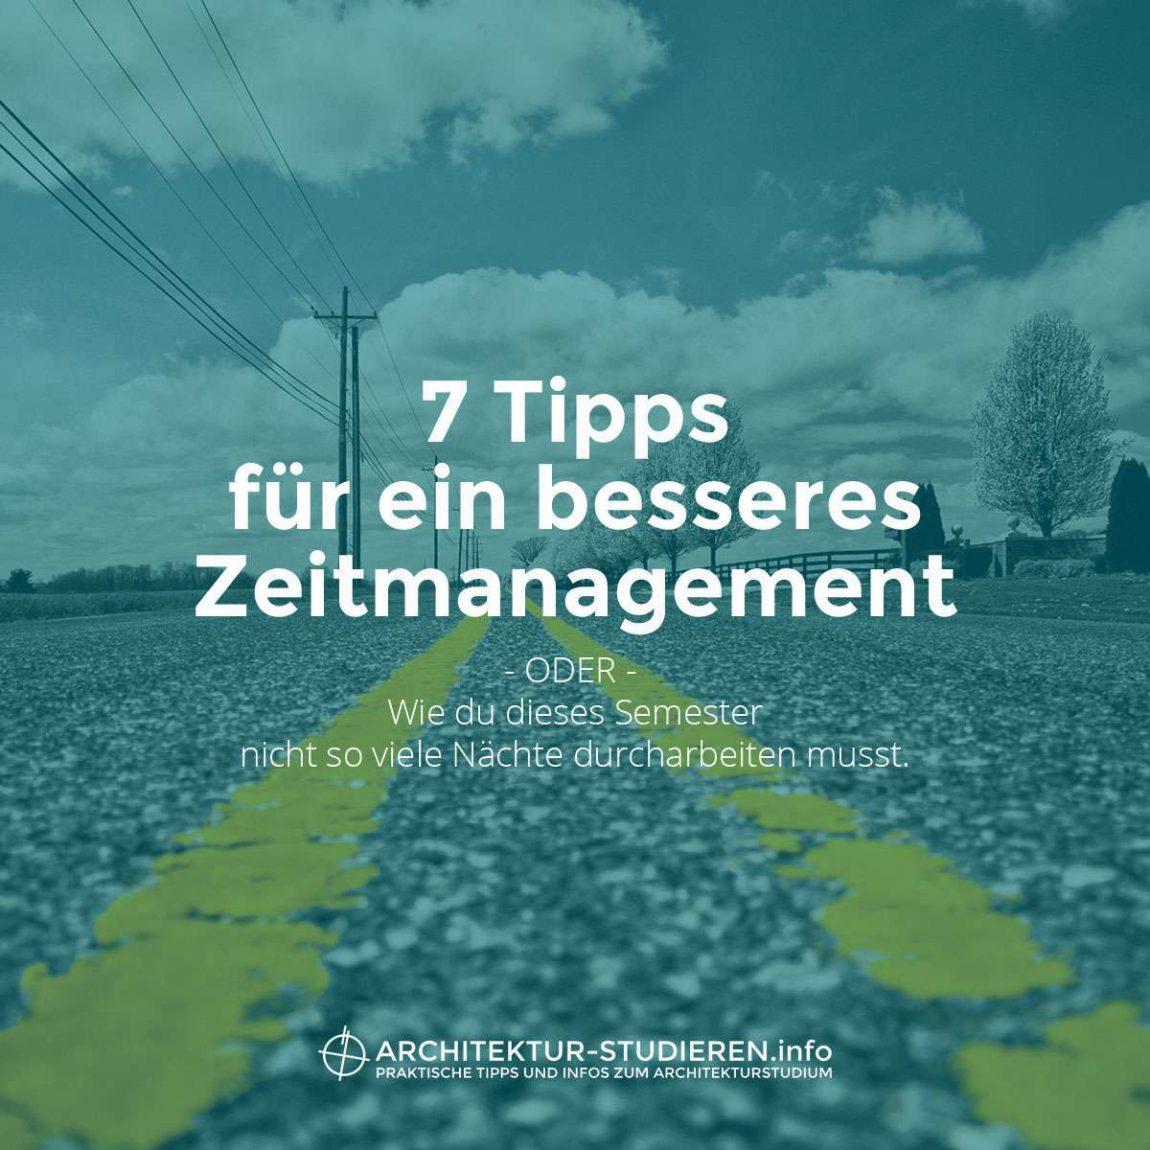 7 Tipps für besseres Zeitmanagement im Architekturstudium | © Anett Ring, Architektur-studieren.info